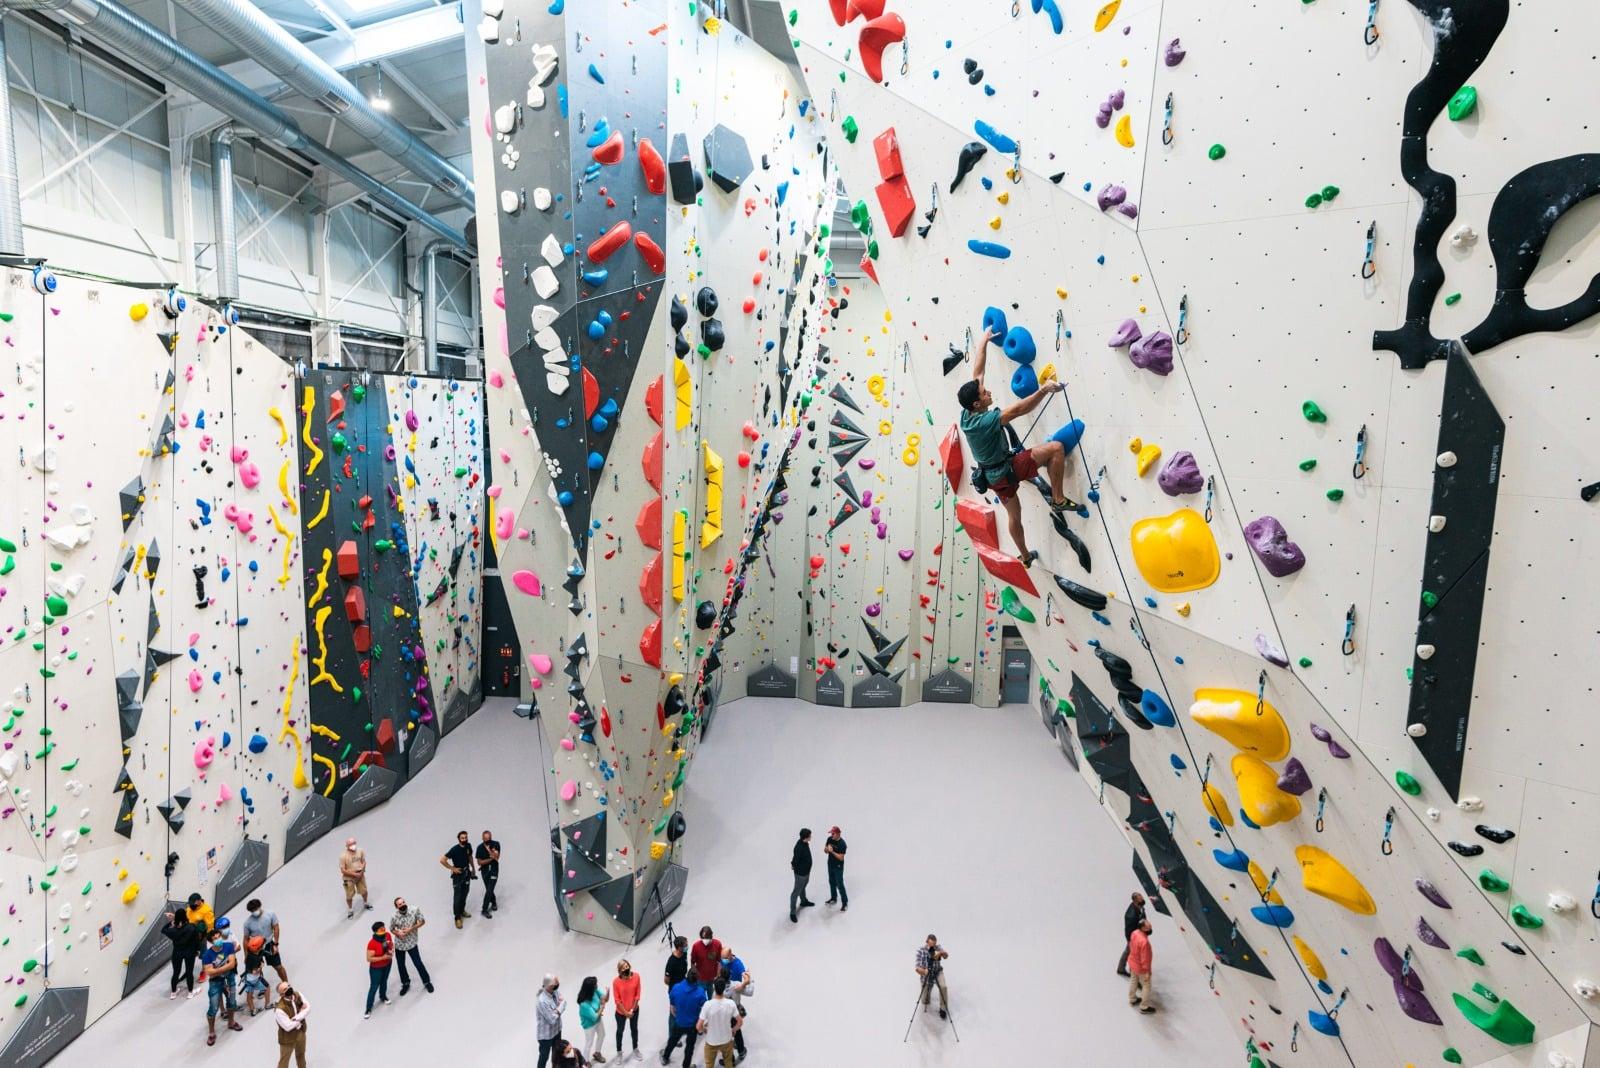 Sputnik Climbing Center - climbing walls by Walltopia